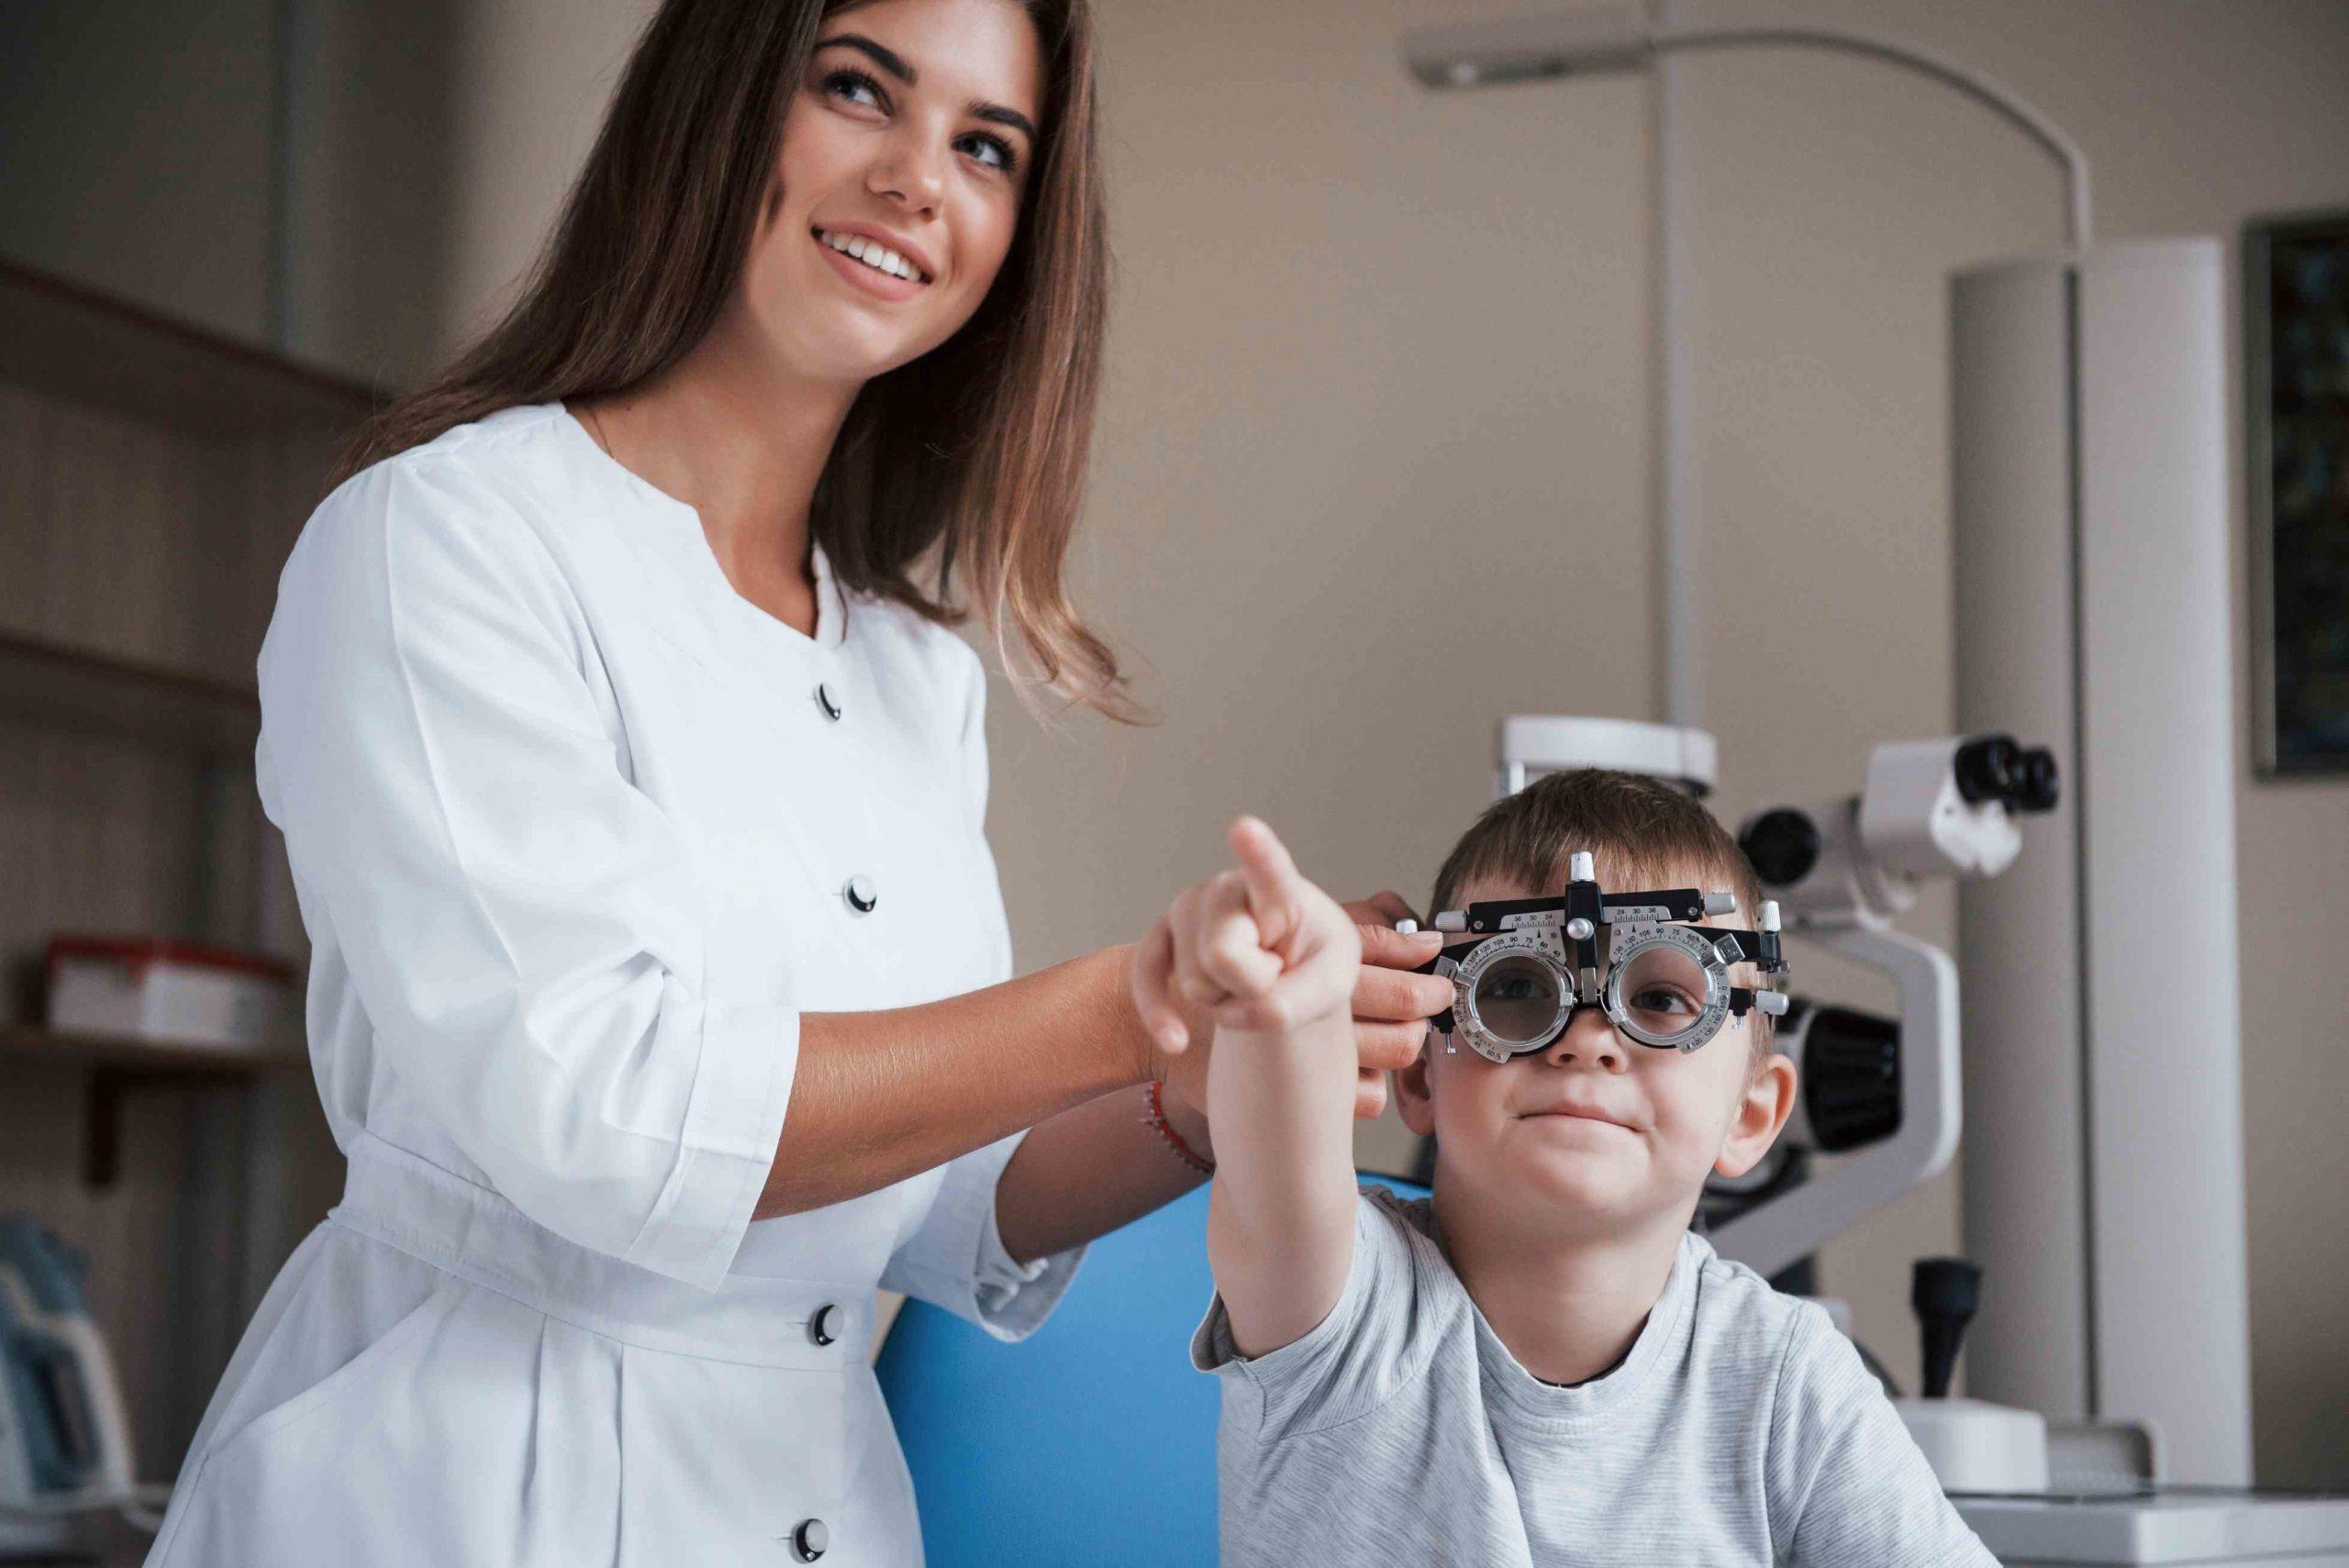 בדיקת עיניים ילדים